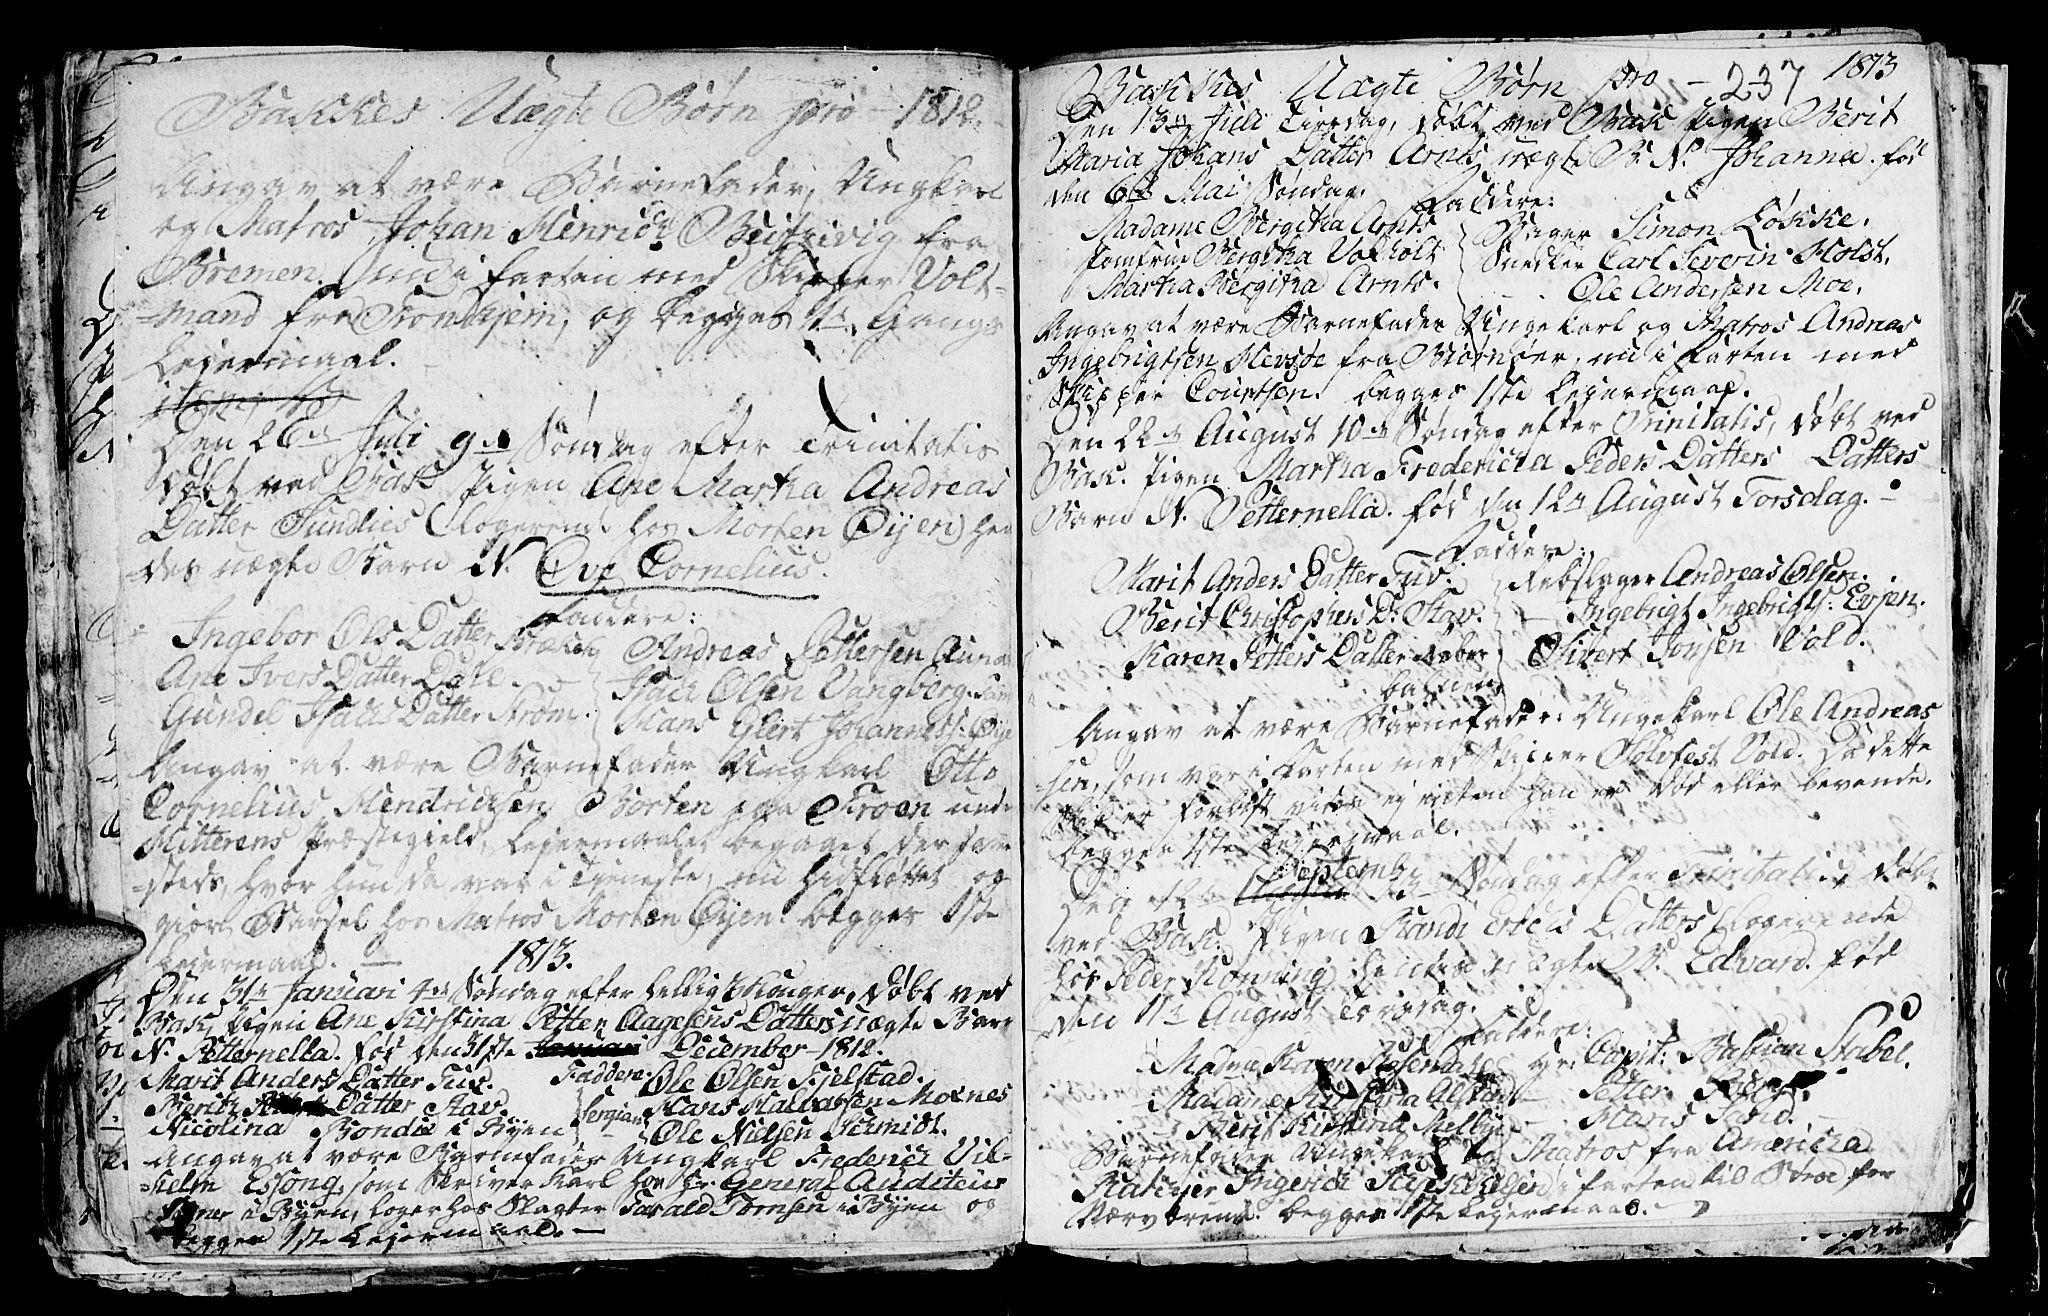 SAT, Ministerialprotokoller, klokkerbøker og fødselsregistre - Sør-Trøndelag, 604/L0218: Klokkerbok nr. 604C01, 1754-1819, s. 237